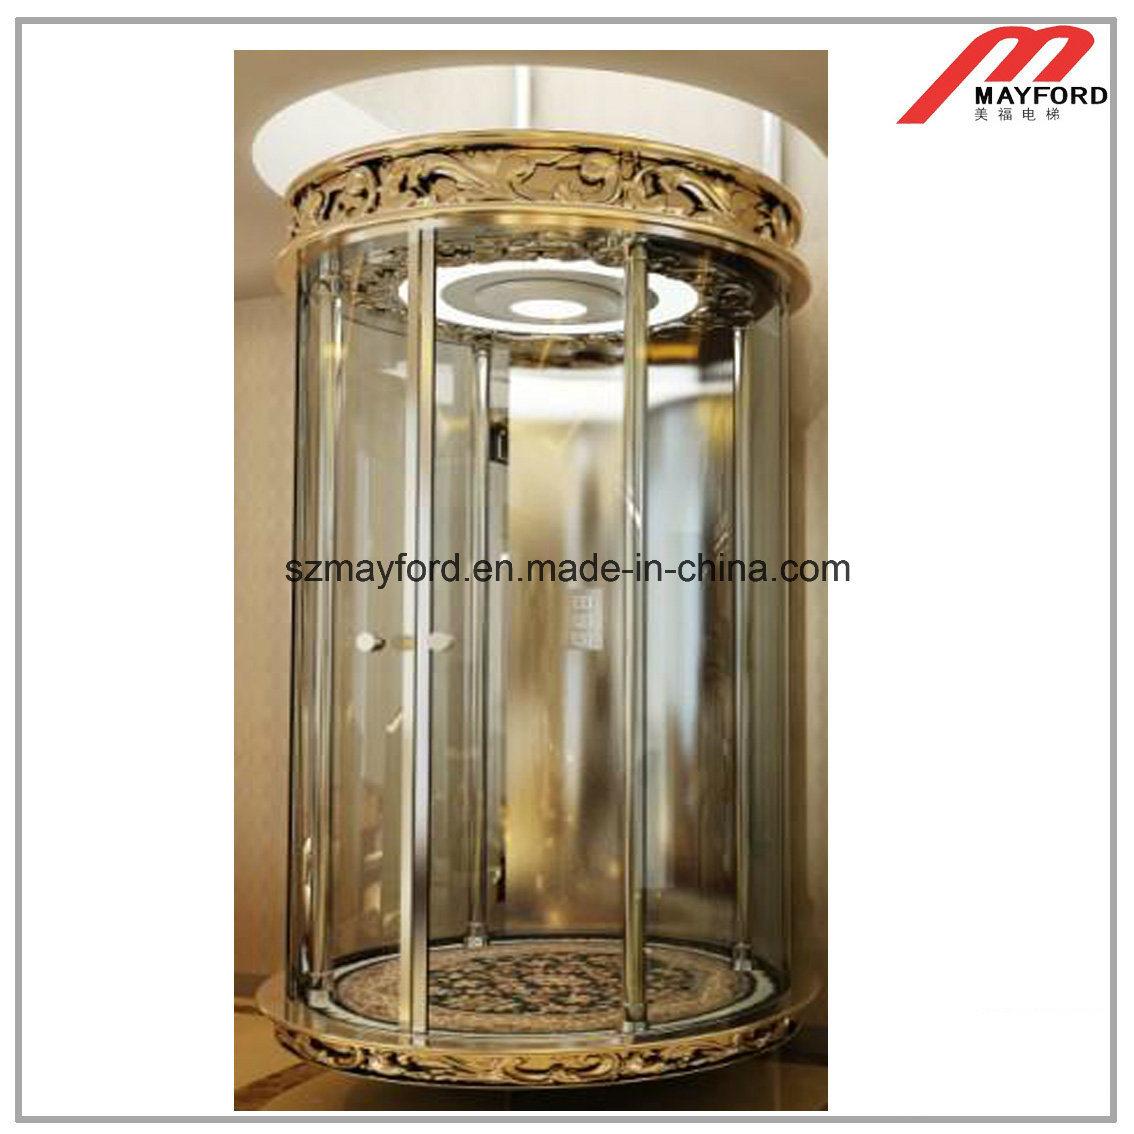 ascenseur de villa avec le levage de luxe de maison de mur de v hicule photo sur fr made in. Black Bedroom Furniture Sets. Home Design Ideas